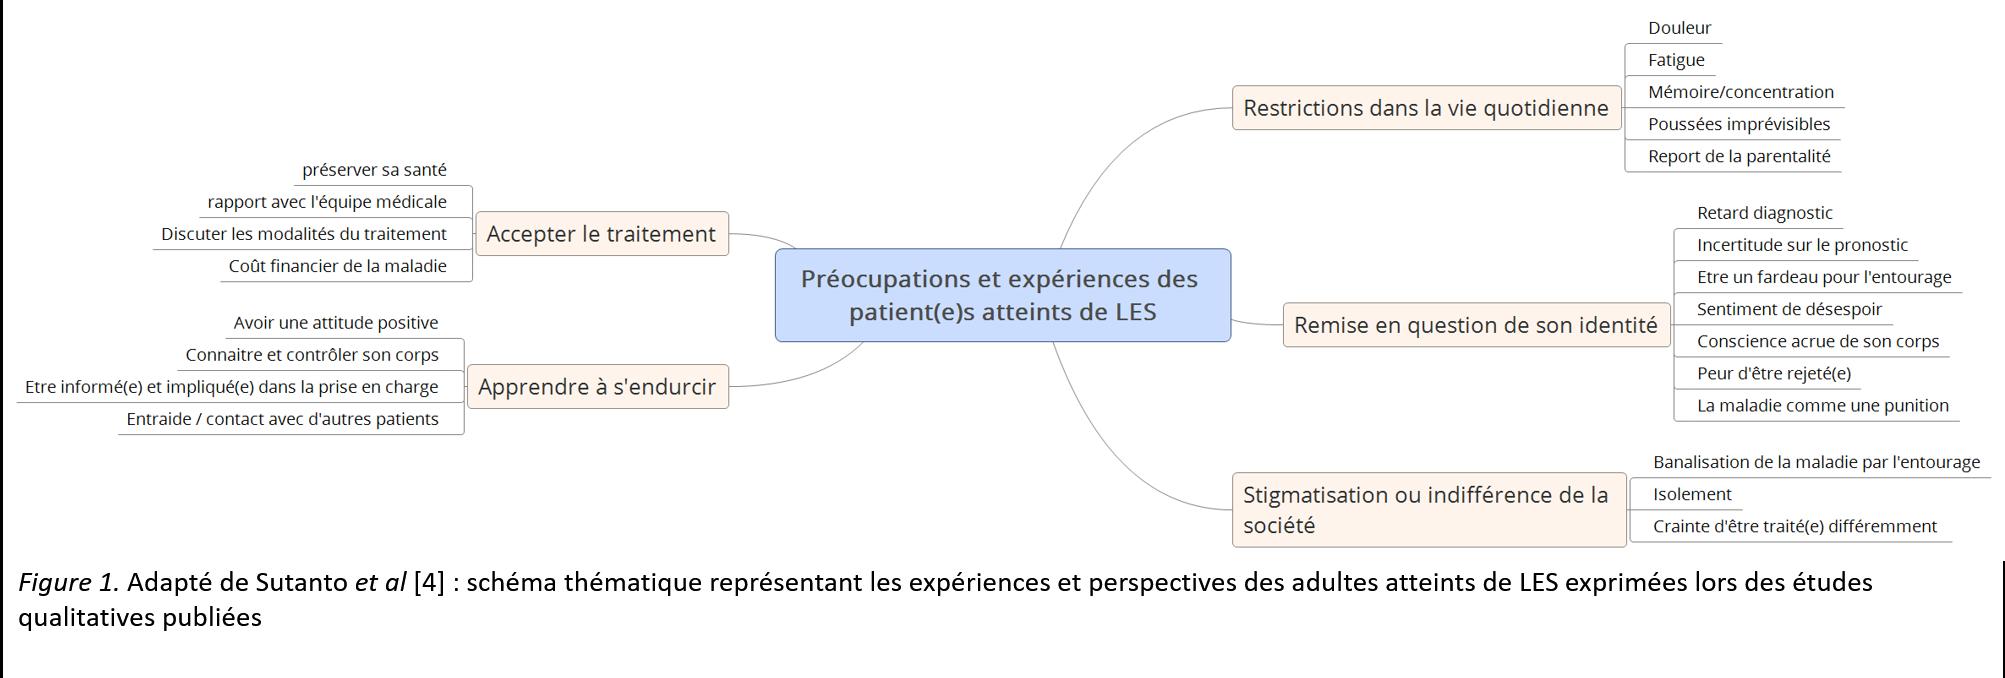 Préoccupations des patients atteints de LES: résultat des enquêtes qualitatives